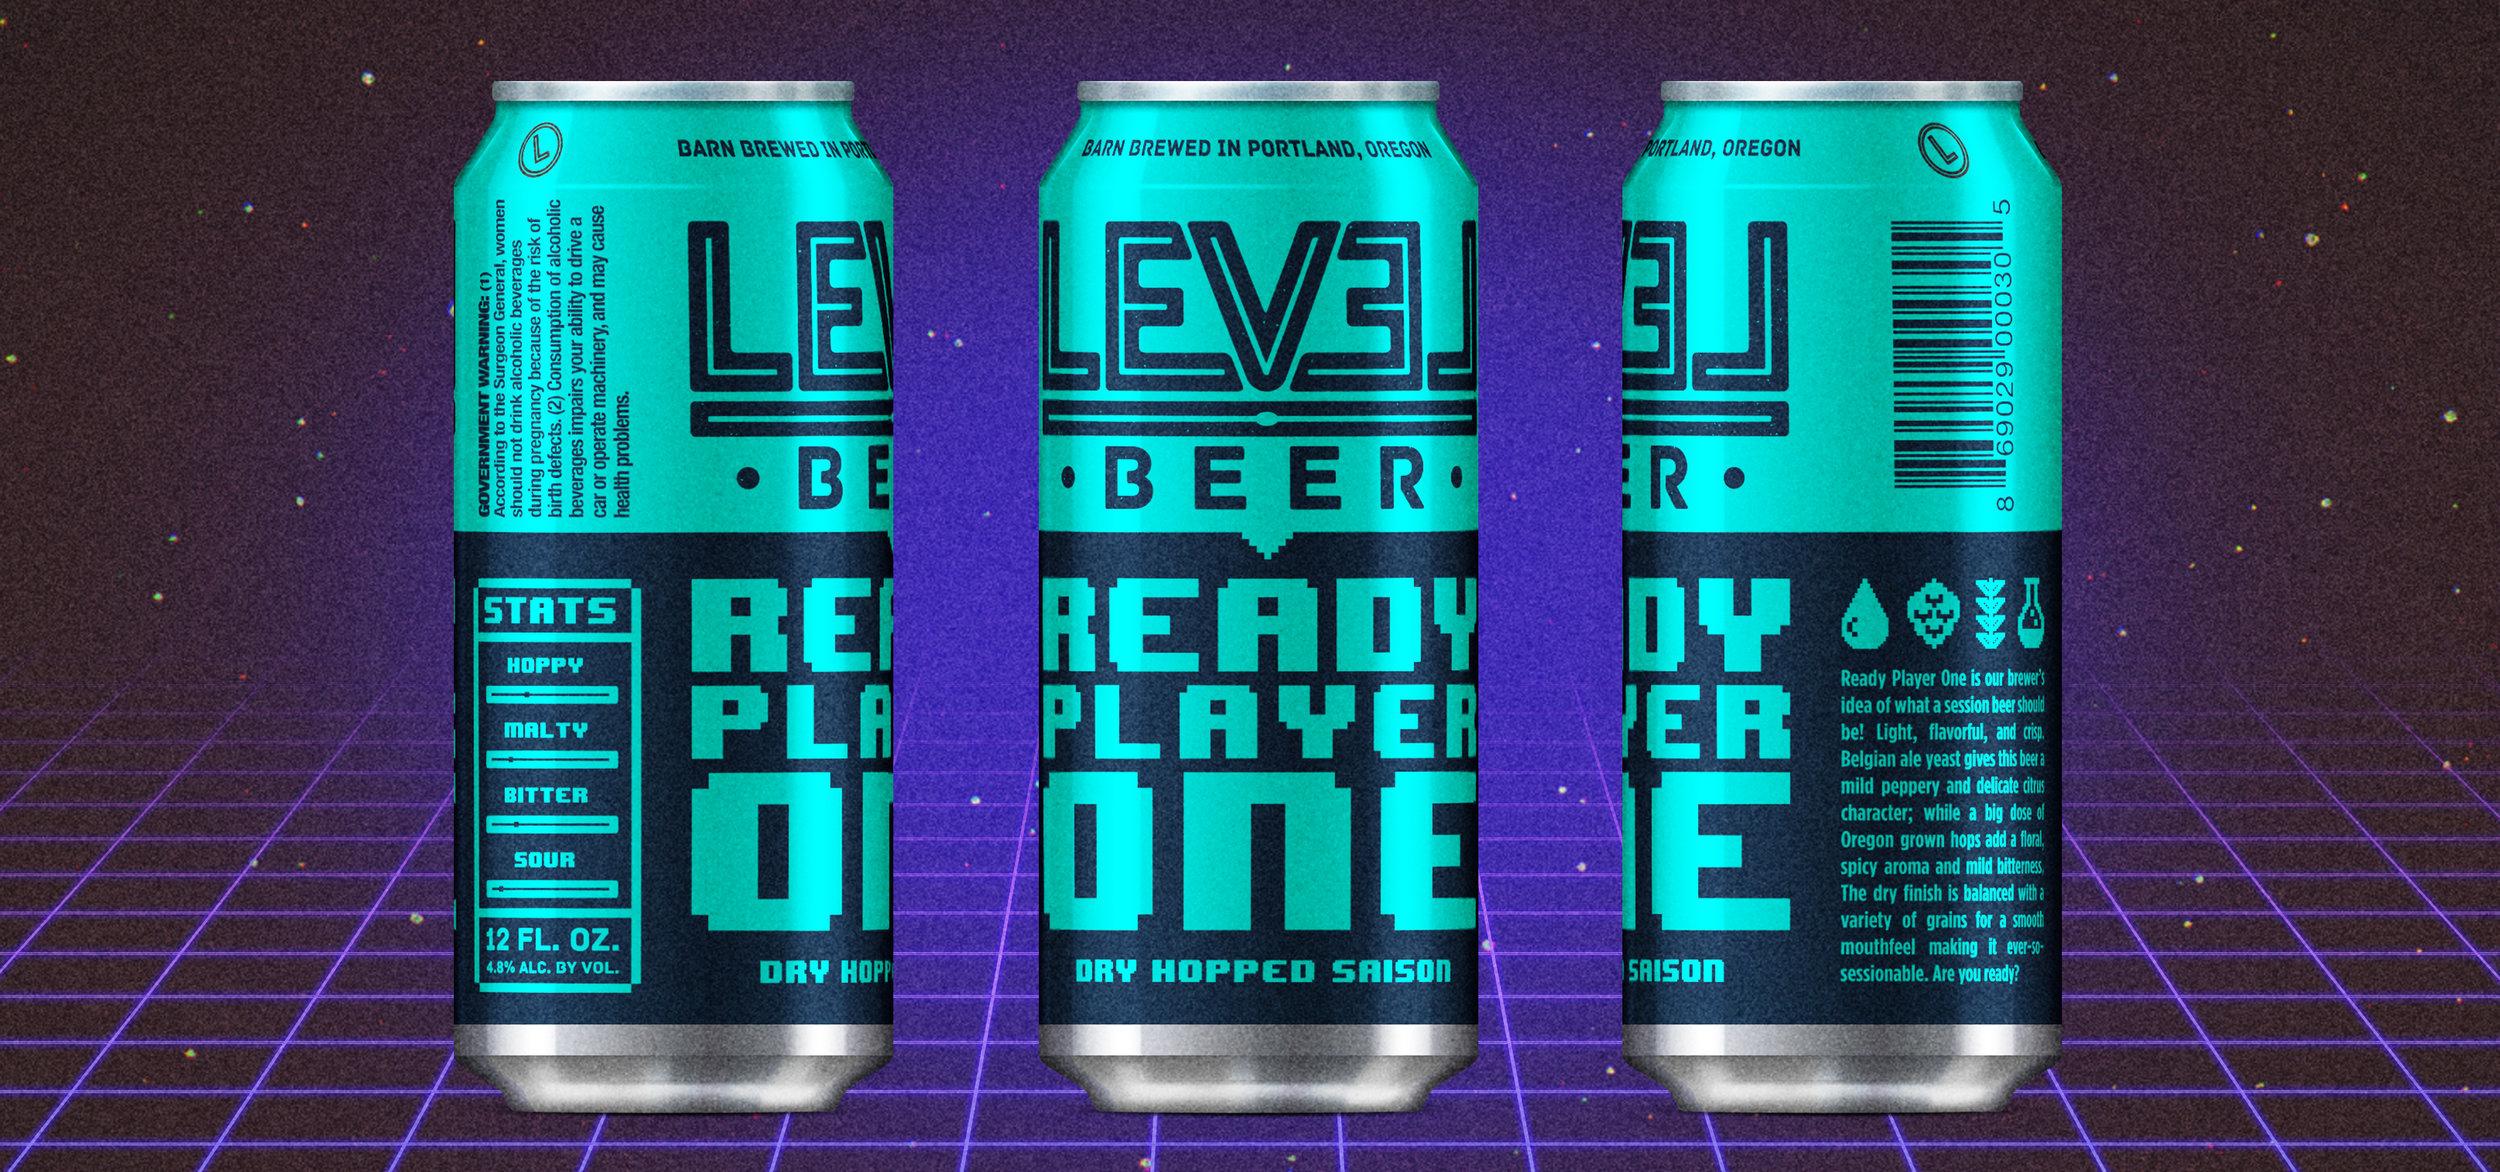 LevelBeer_8.jpg